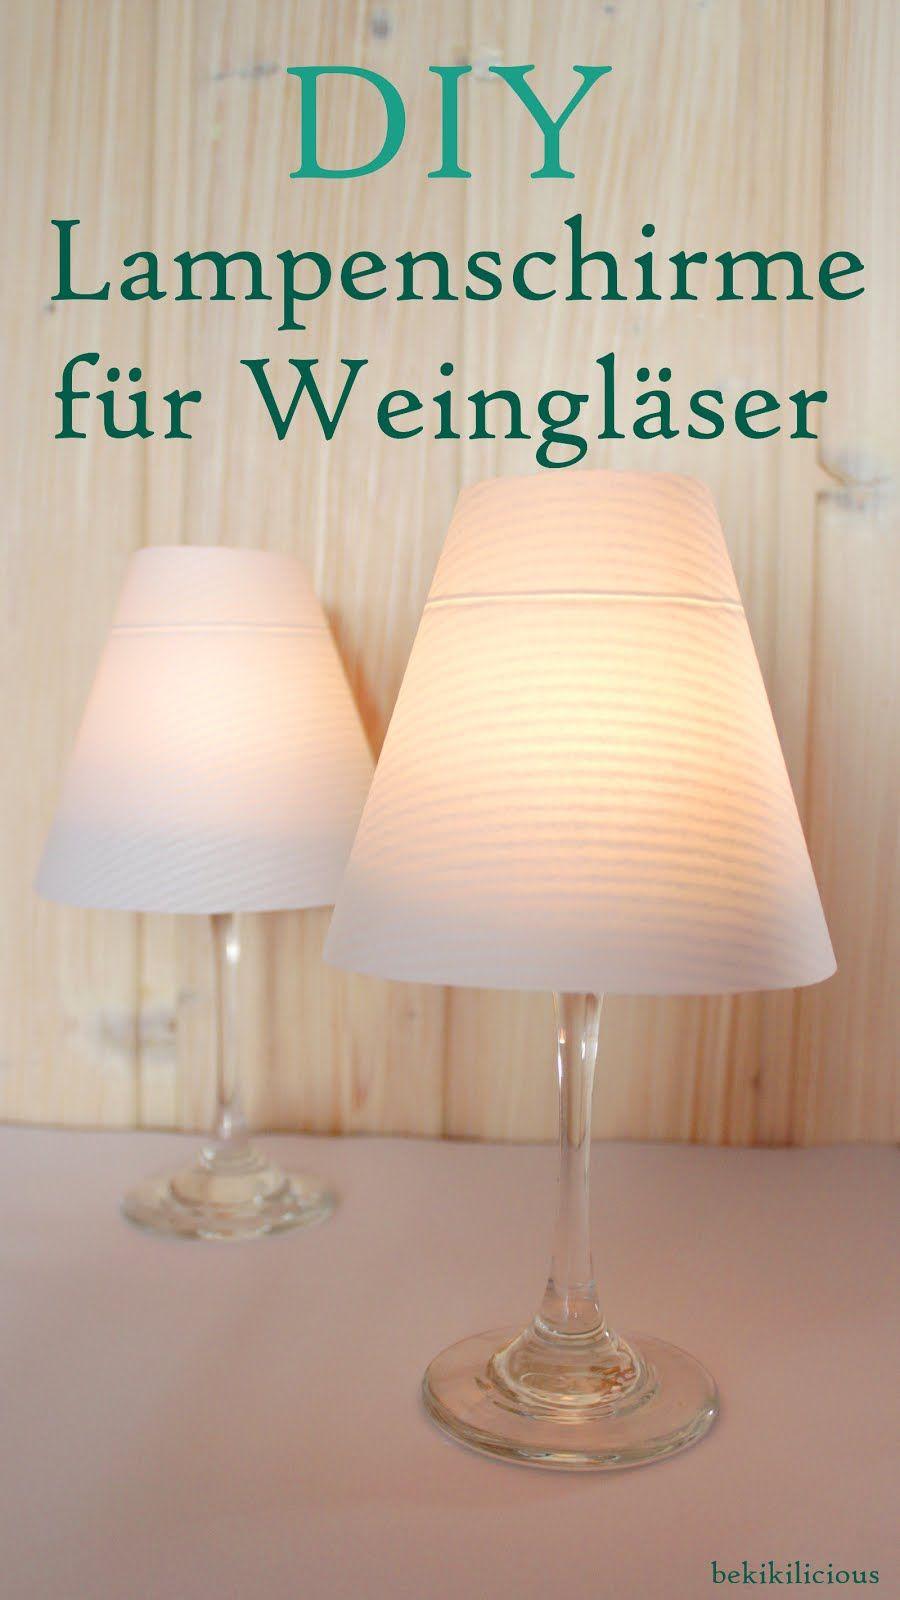 bekikilicious: DIY: Lampenschirm für Weinglas selber machen ...